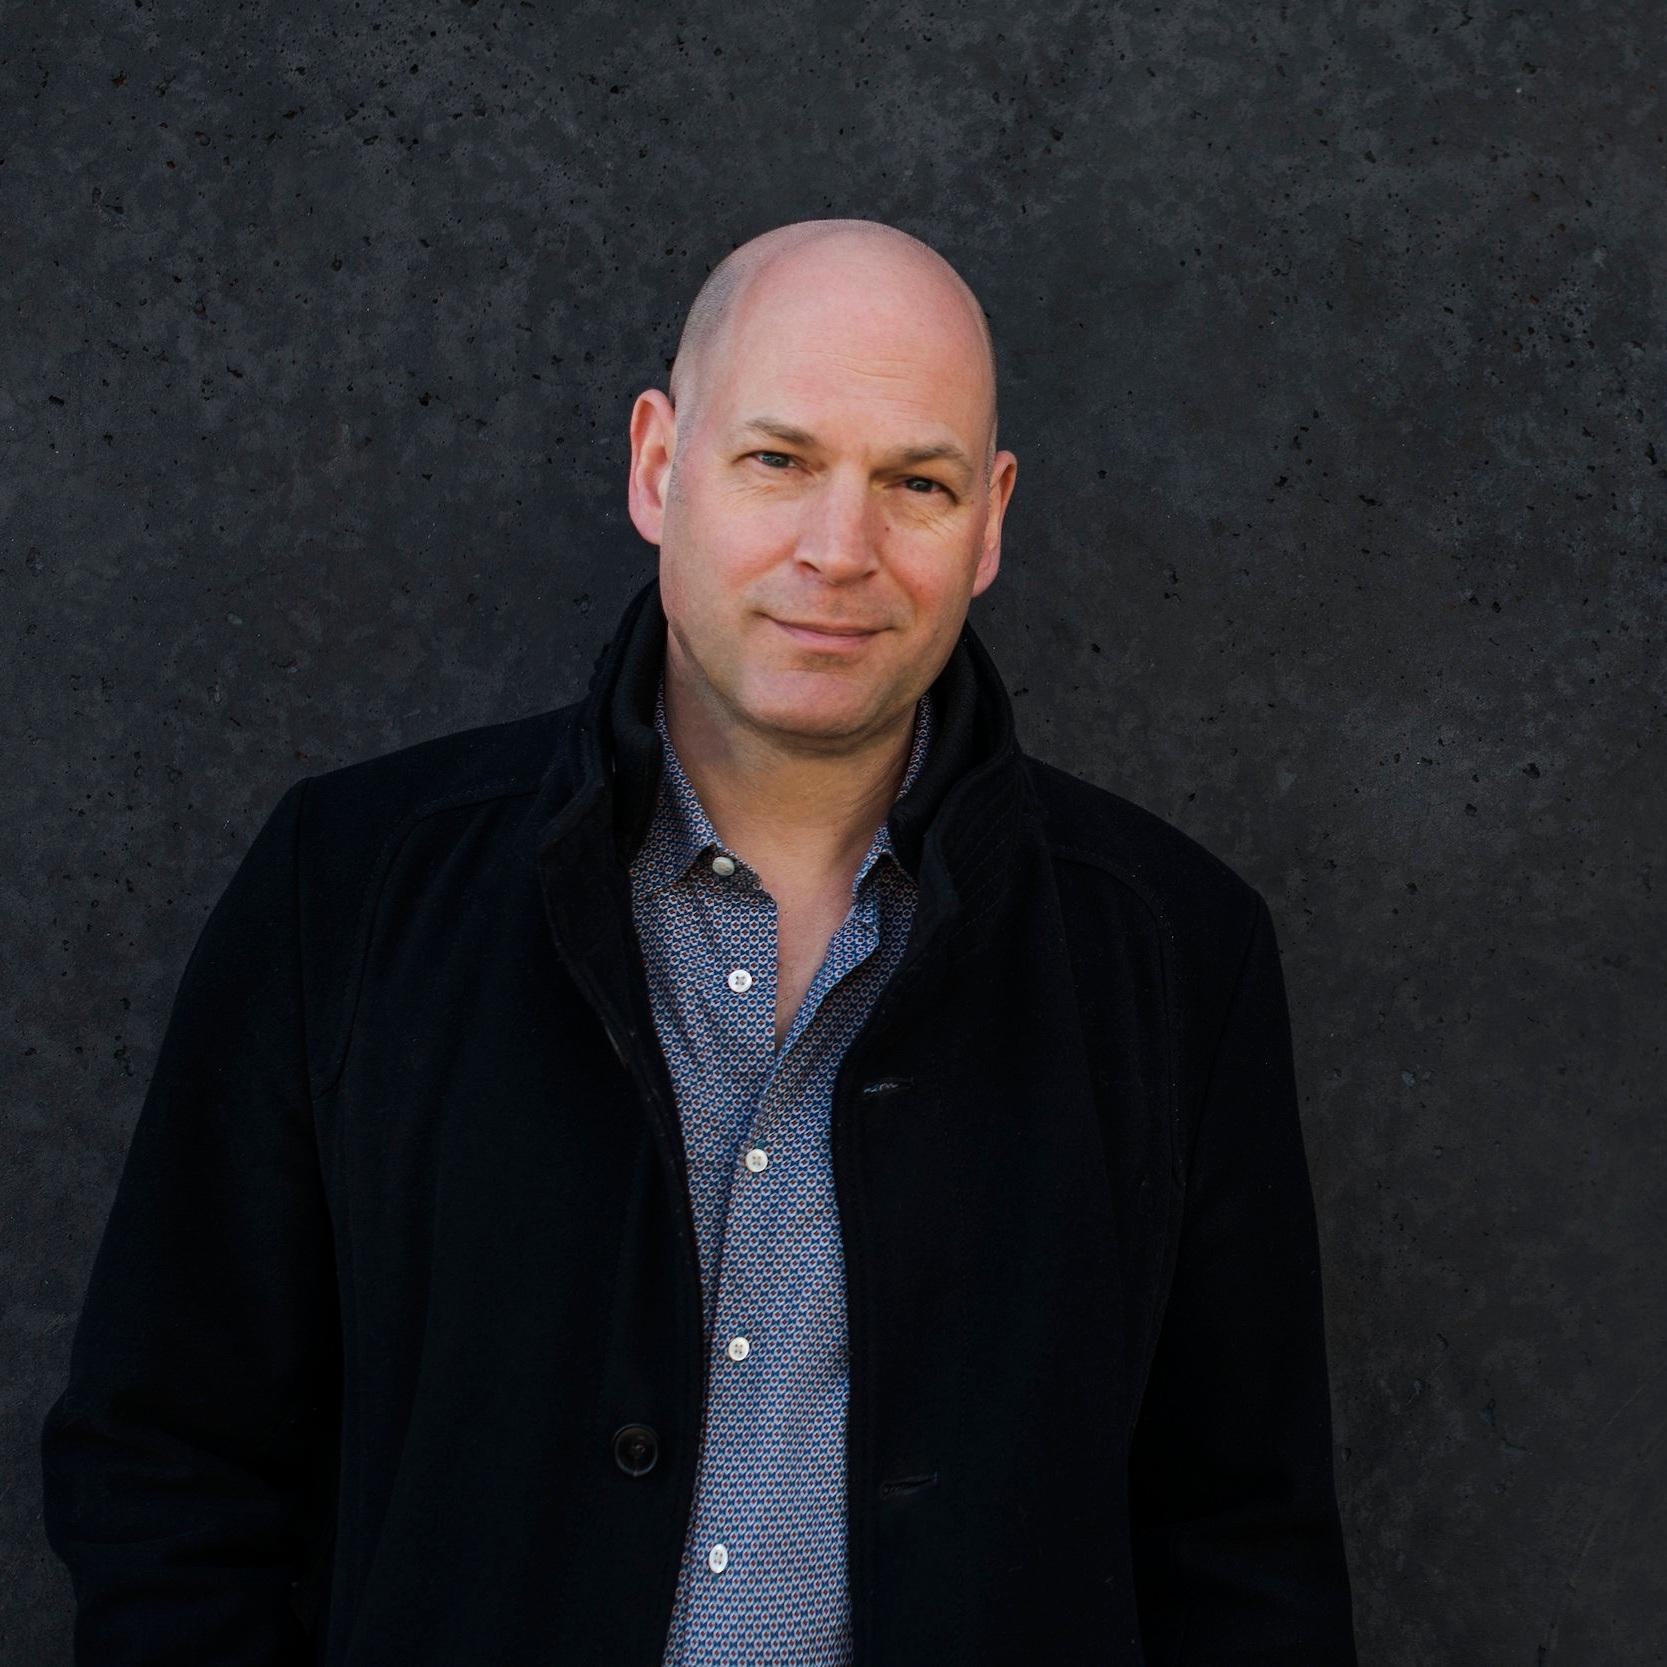 Florian Werner